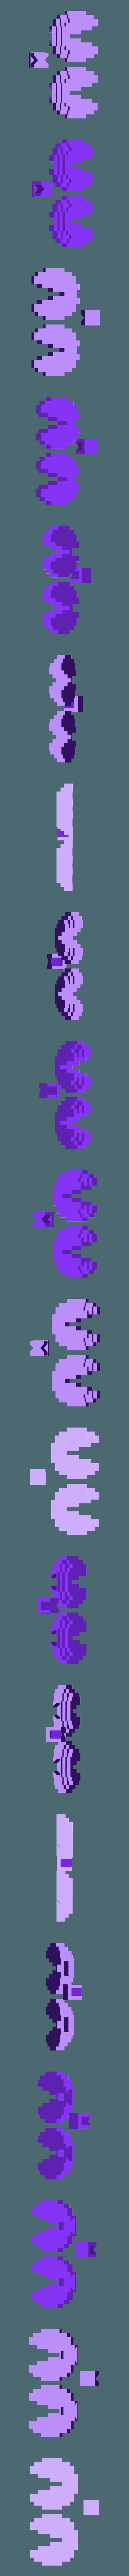 Gold-PacMan.stl Télécharger fichier STL gratuit PacMan 8 bits et fantômes - Pièces séparées (pas besoin de colle) • Design à imprimer en 3D, conceptify